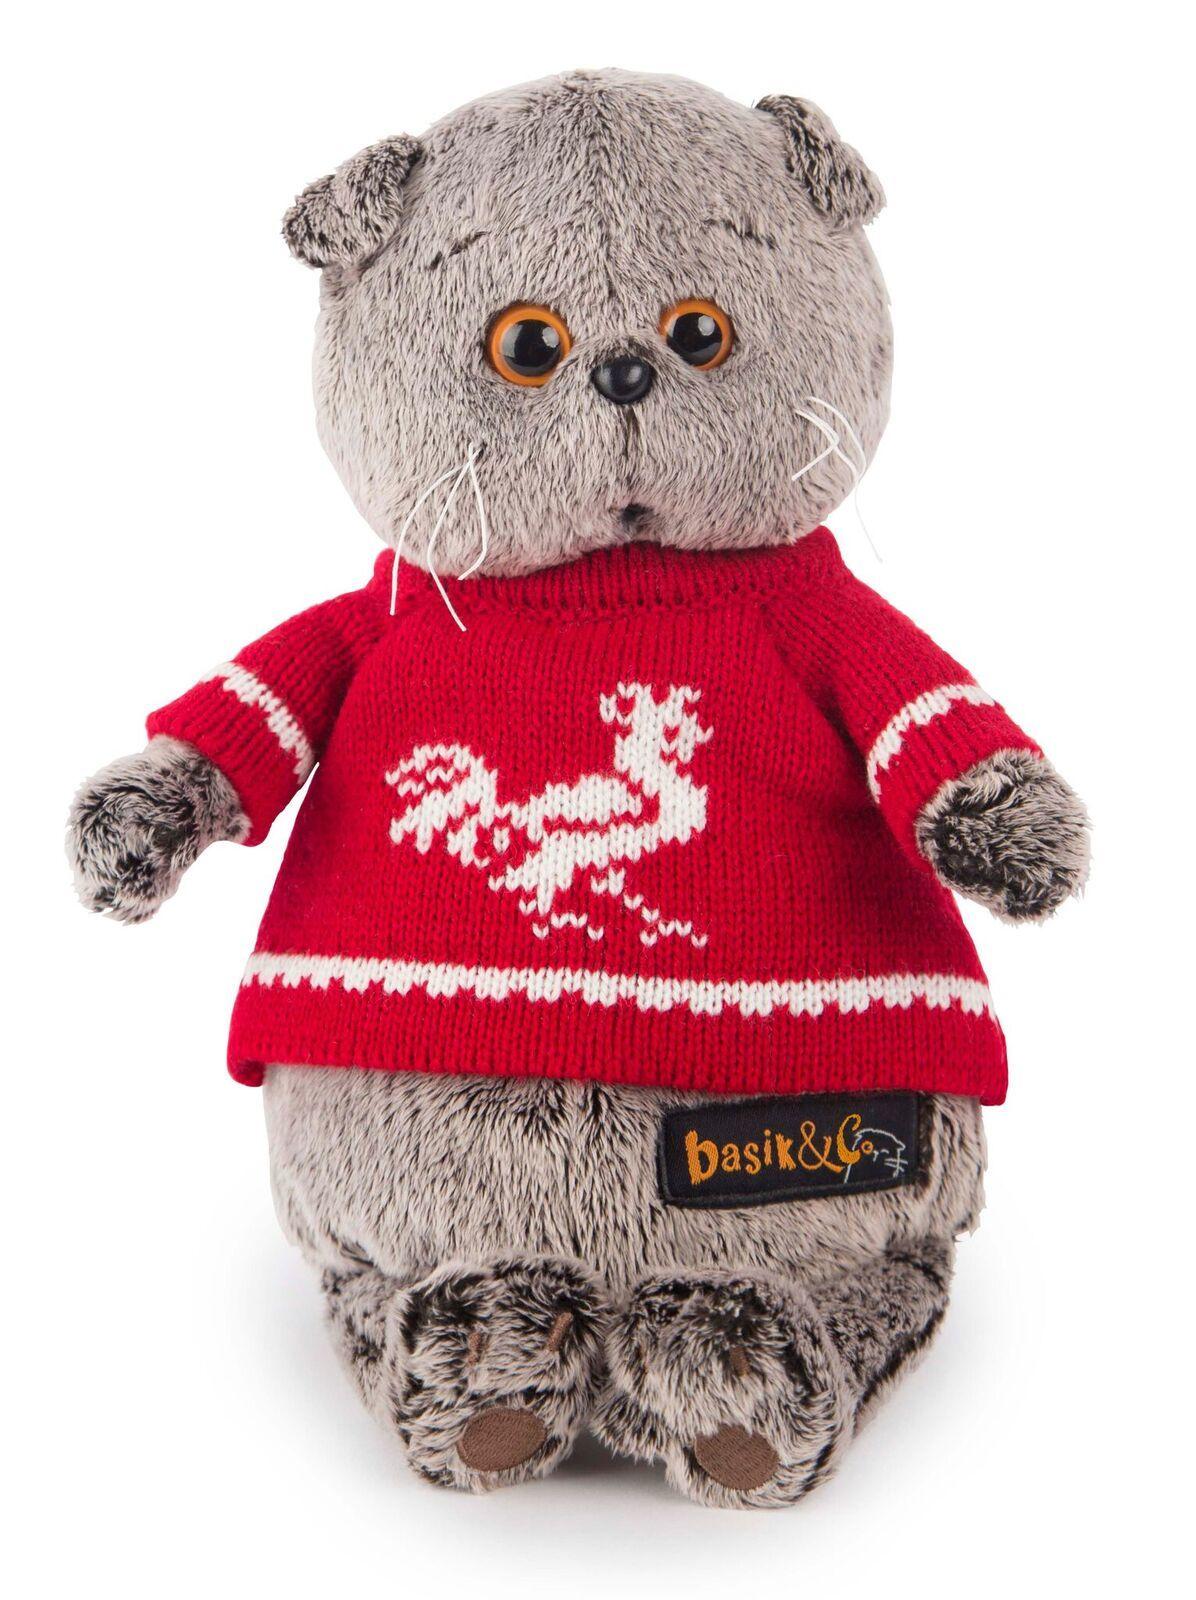 Кот Басик в красном свитере с петушком купить